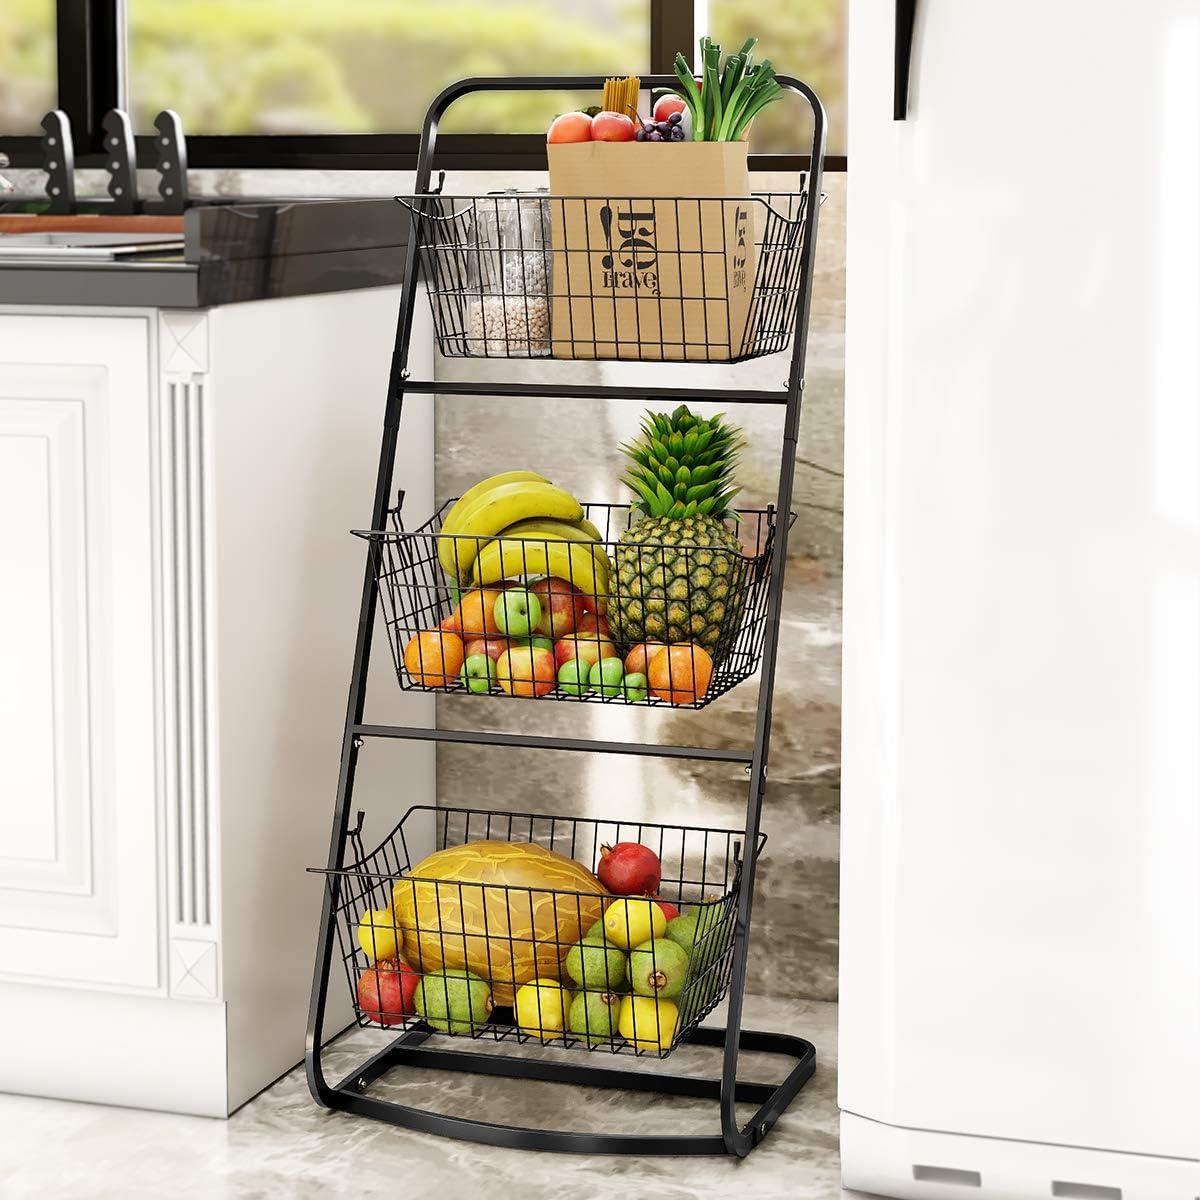 3 Tier Market Basket,Storage Basket Organizer, Fruit Vegetable Produce Metal Hanging Storage Bin for Kitchen,Bathroom Tower Baskets,Antique Black (3 tier market basket)